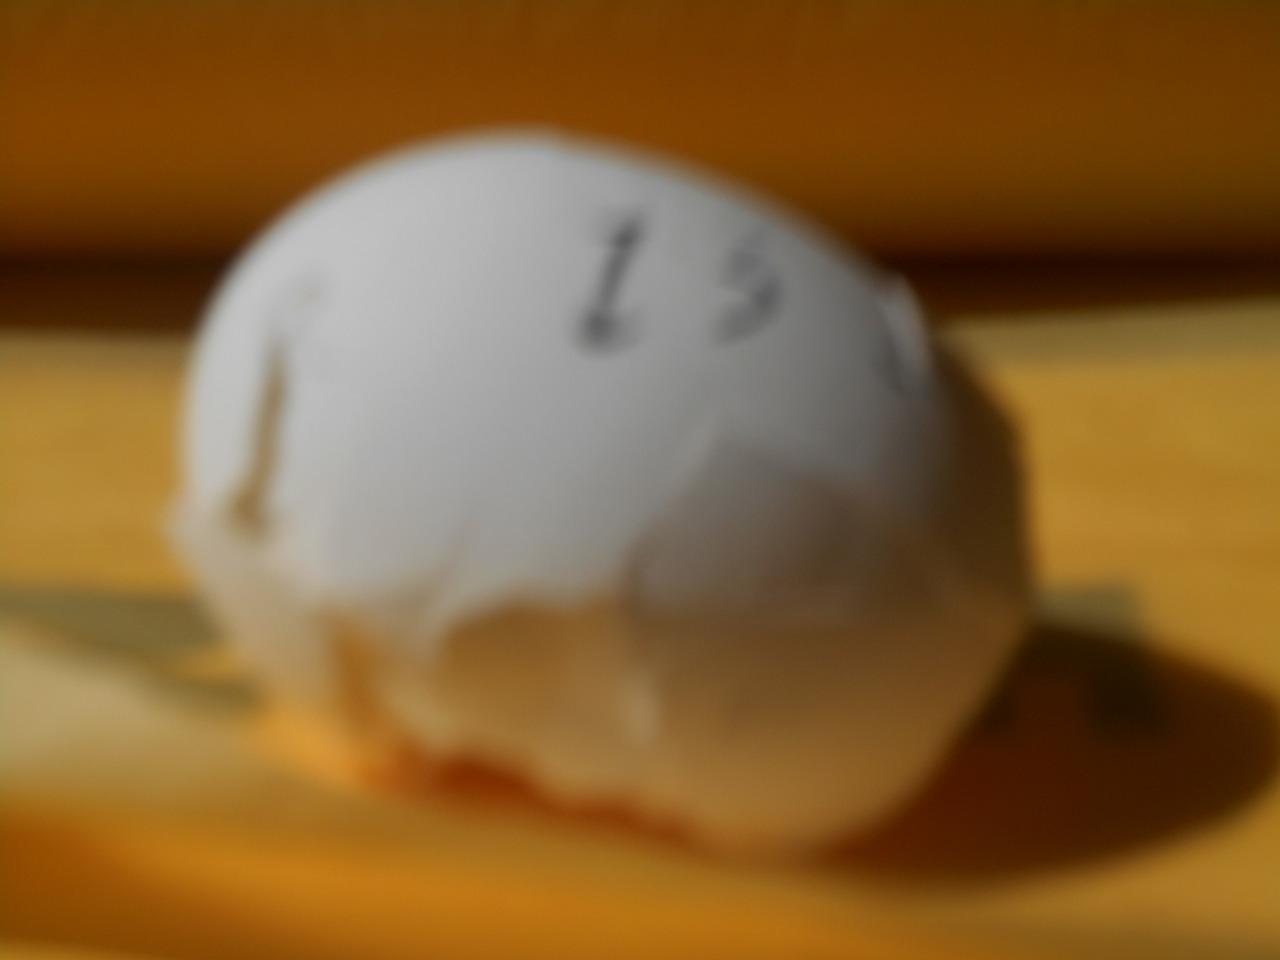 Stephen Lapthisophon_broken egg 13.jpg